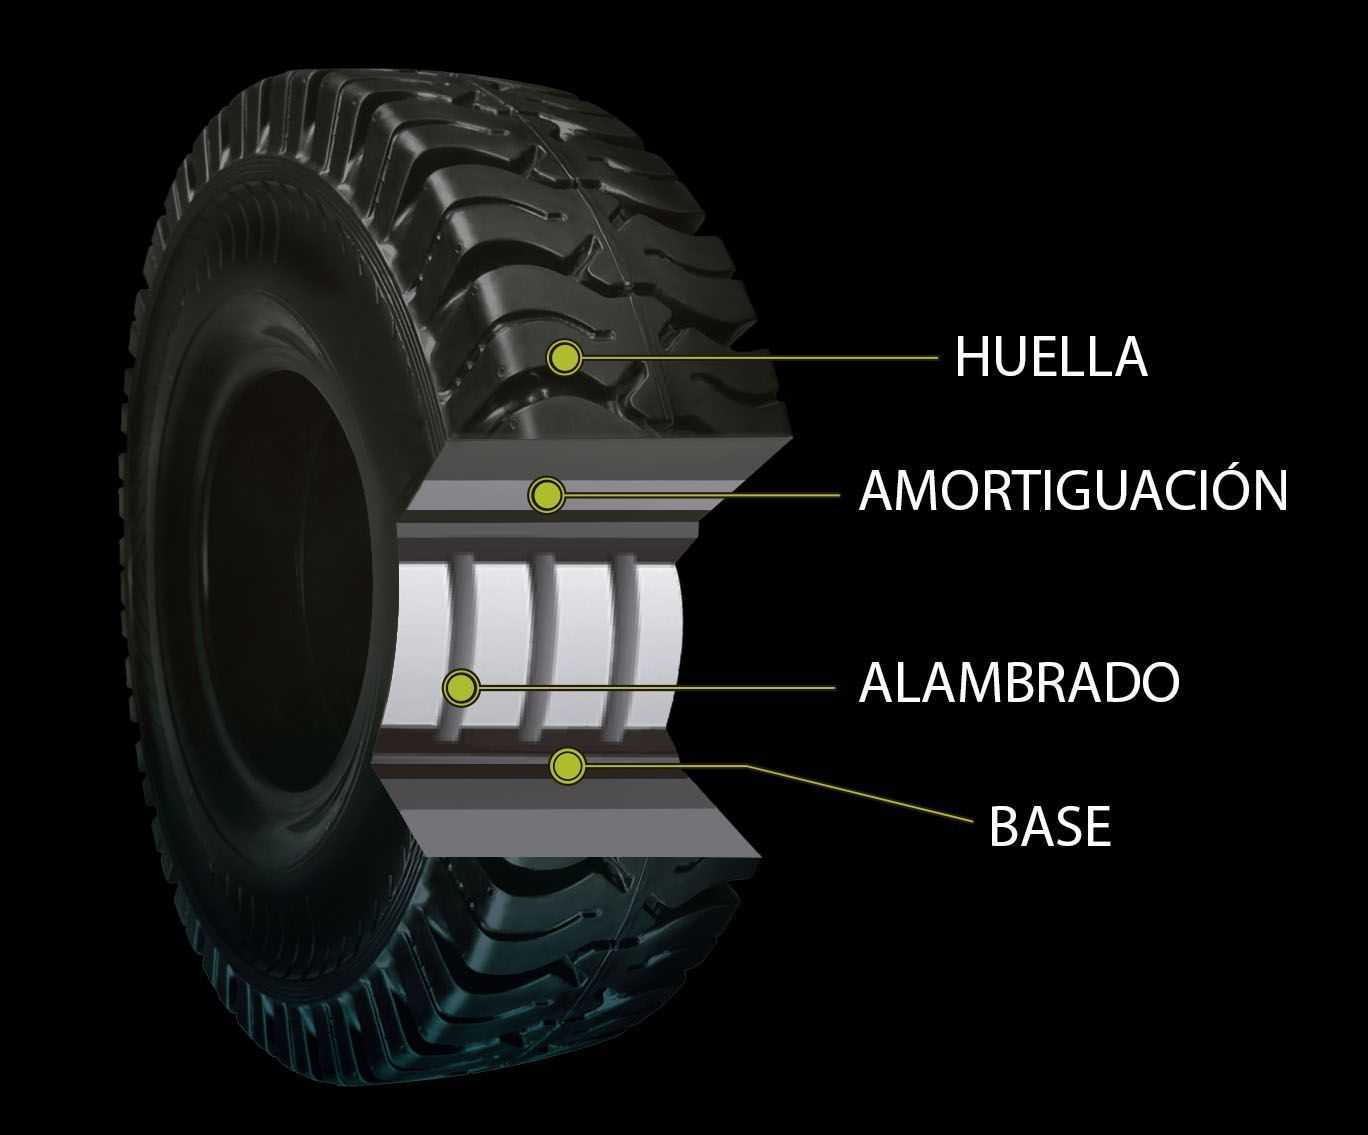 Estructura interna de las ruedas